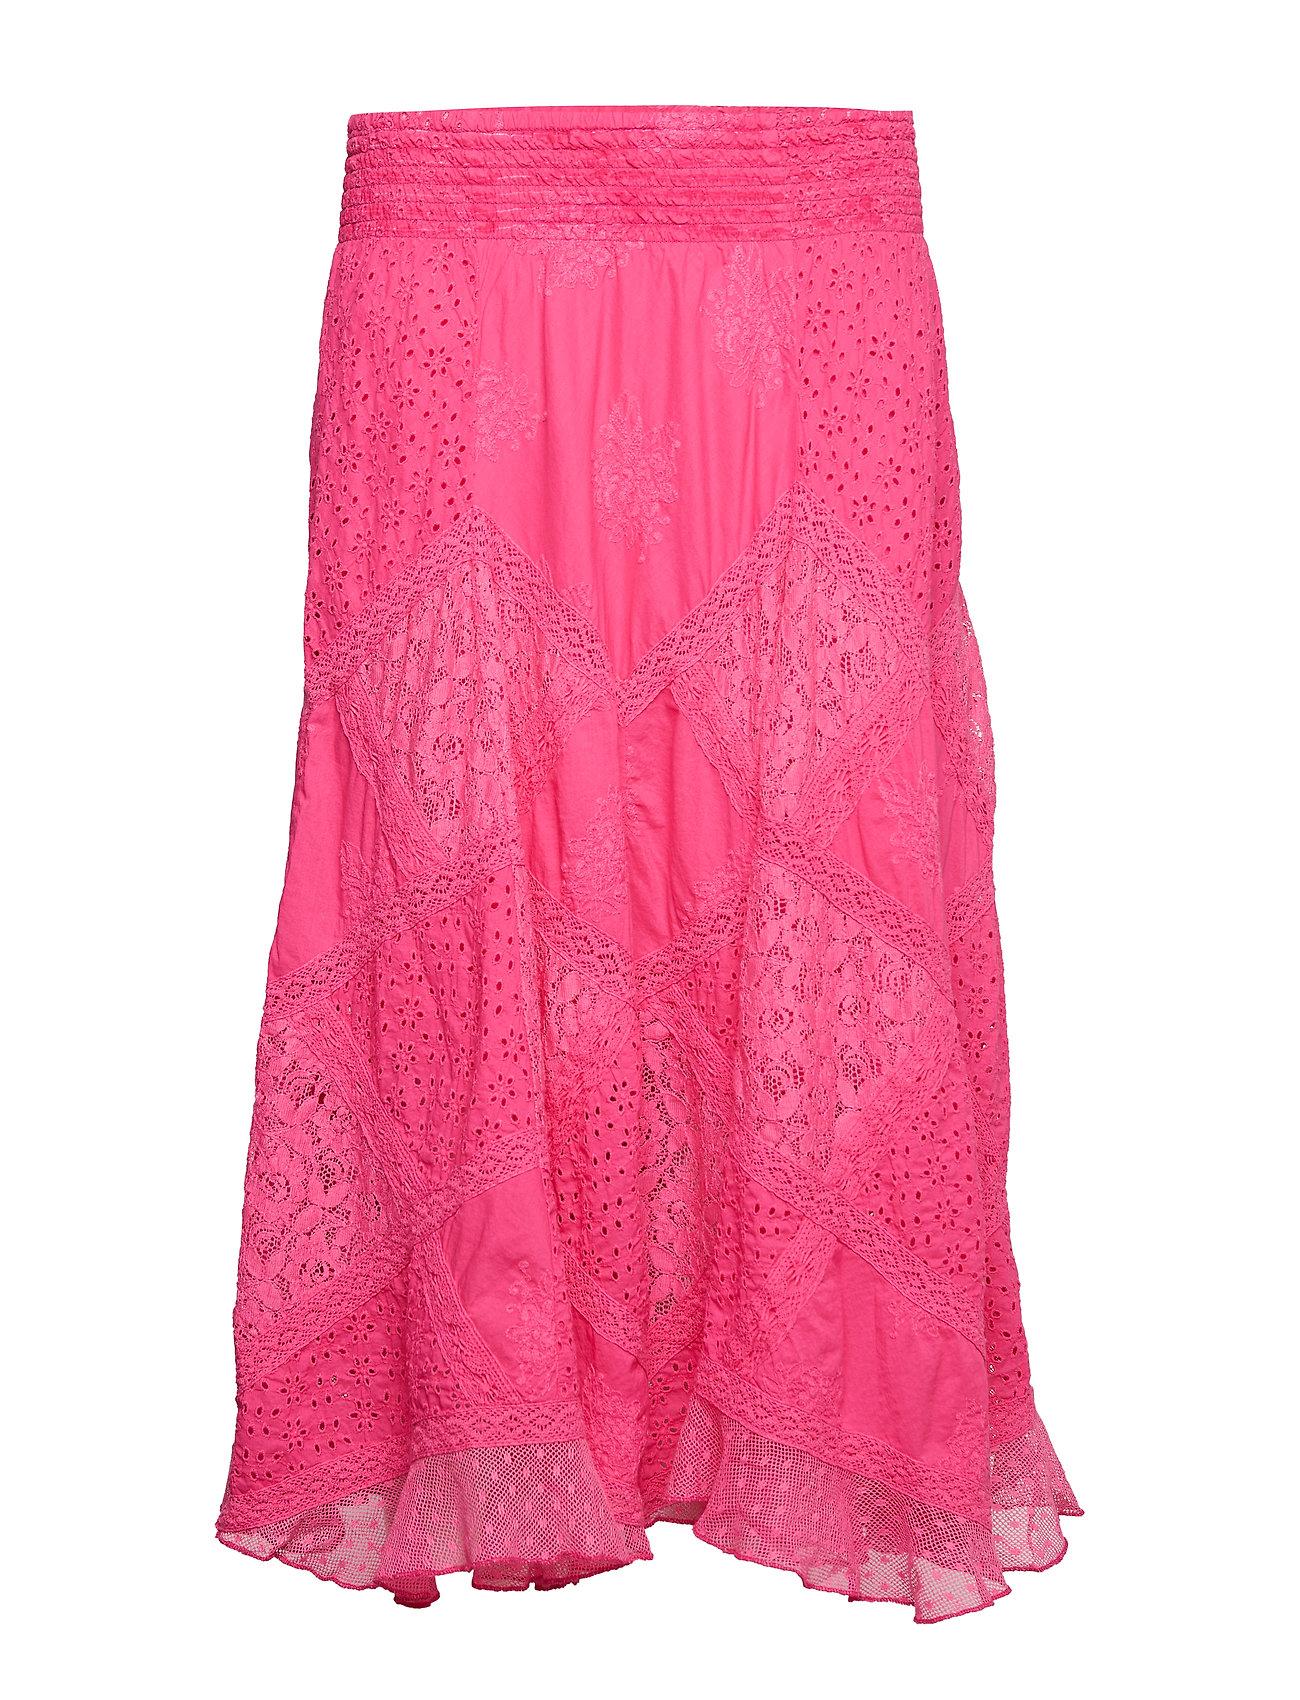 ODD MOLLY bell formation skirt - AZALEA PINK